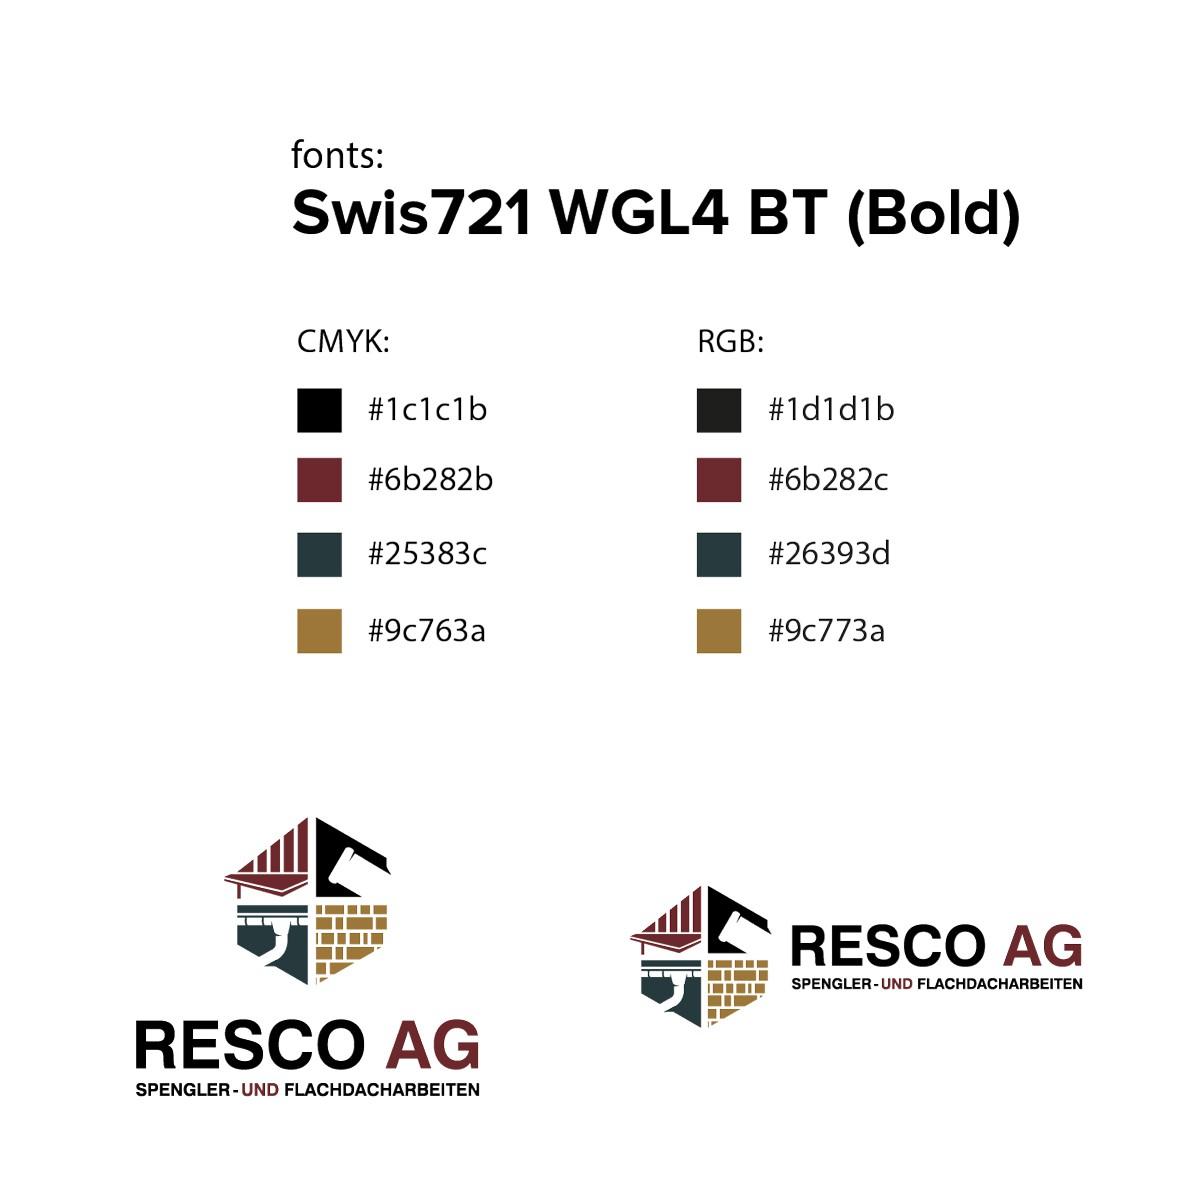 Erstelle ein modernes, Innovatives Logo für die Asco AG